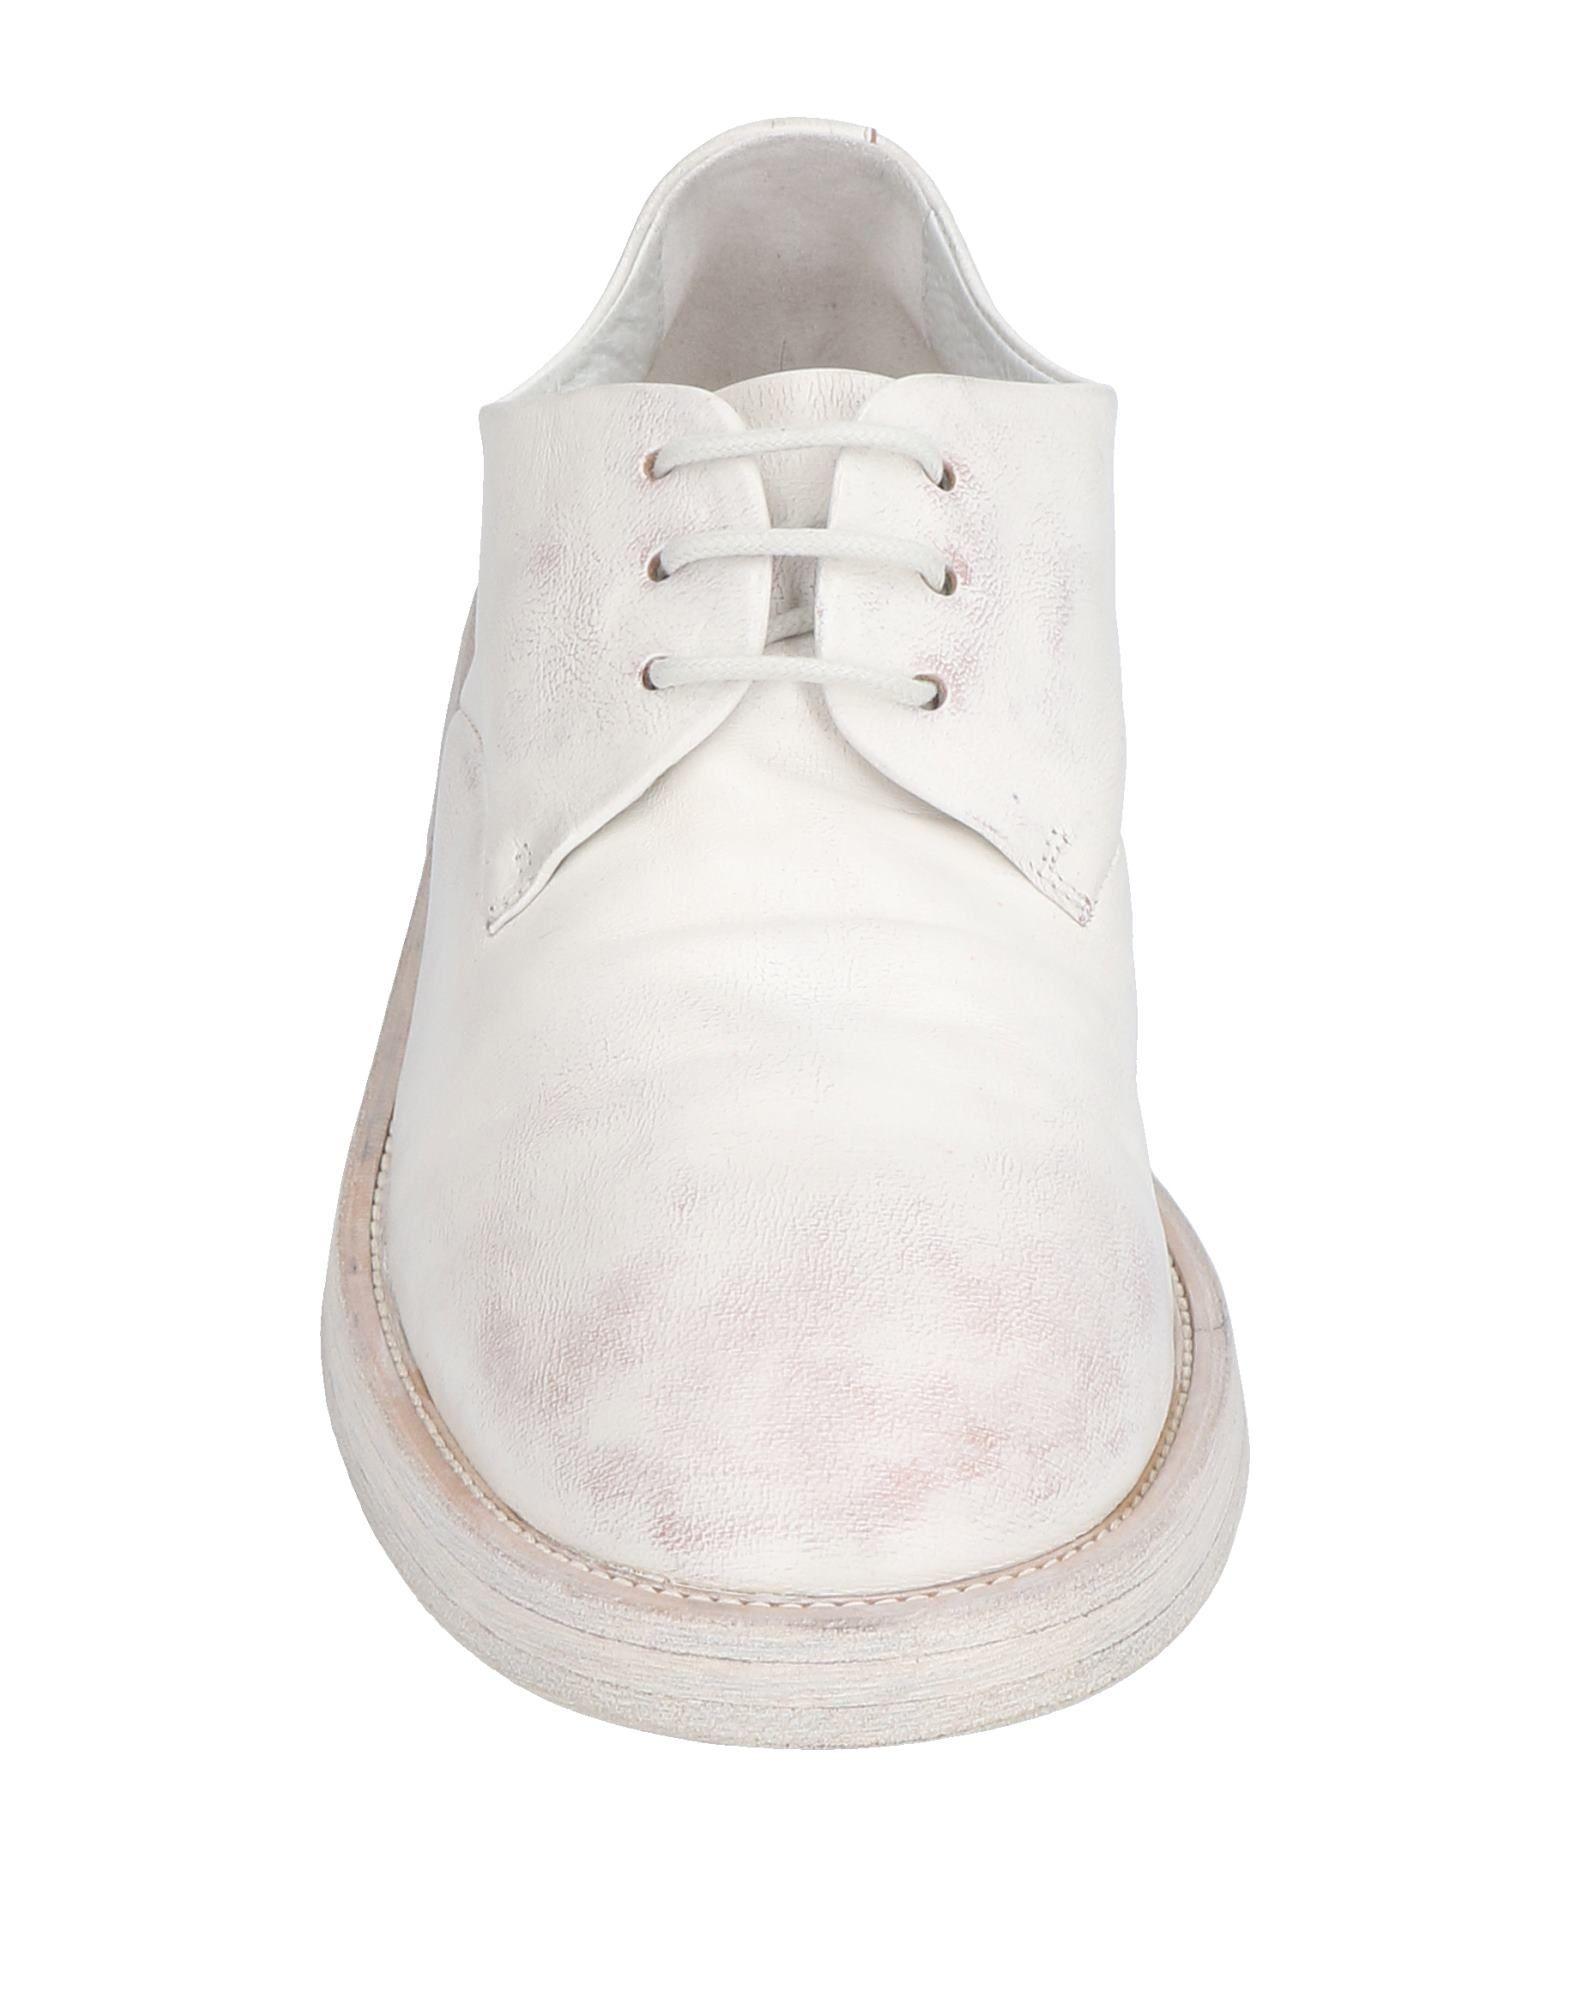 Marsèll Schnürschuhe Herren  11489201QI Gute Qualität beliebte Schuhe